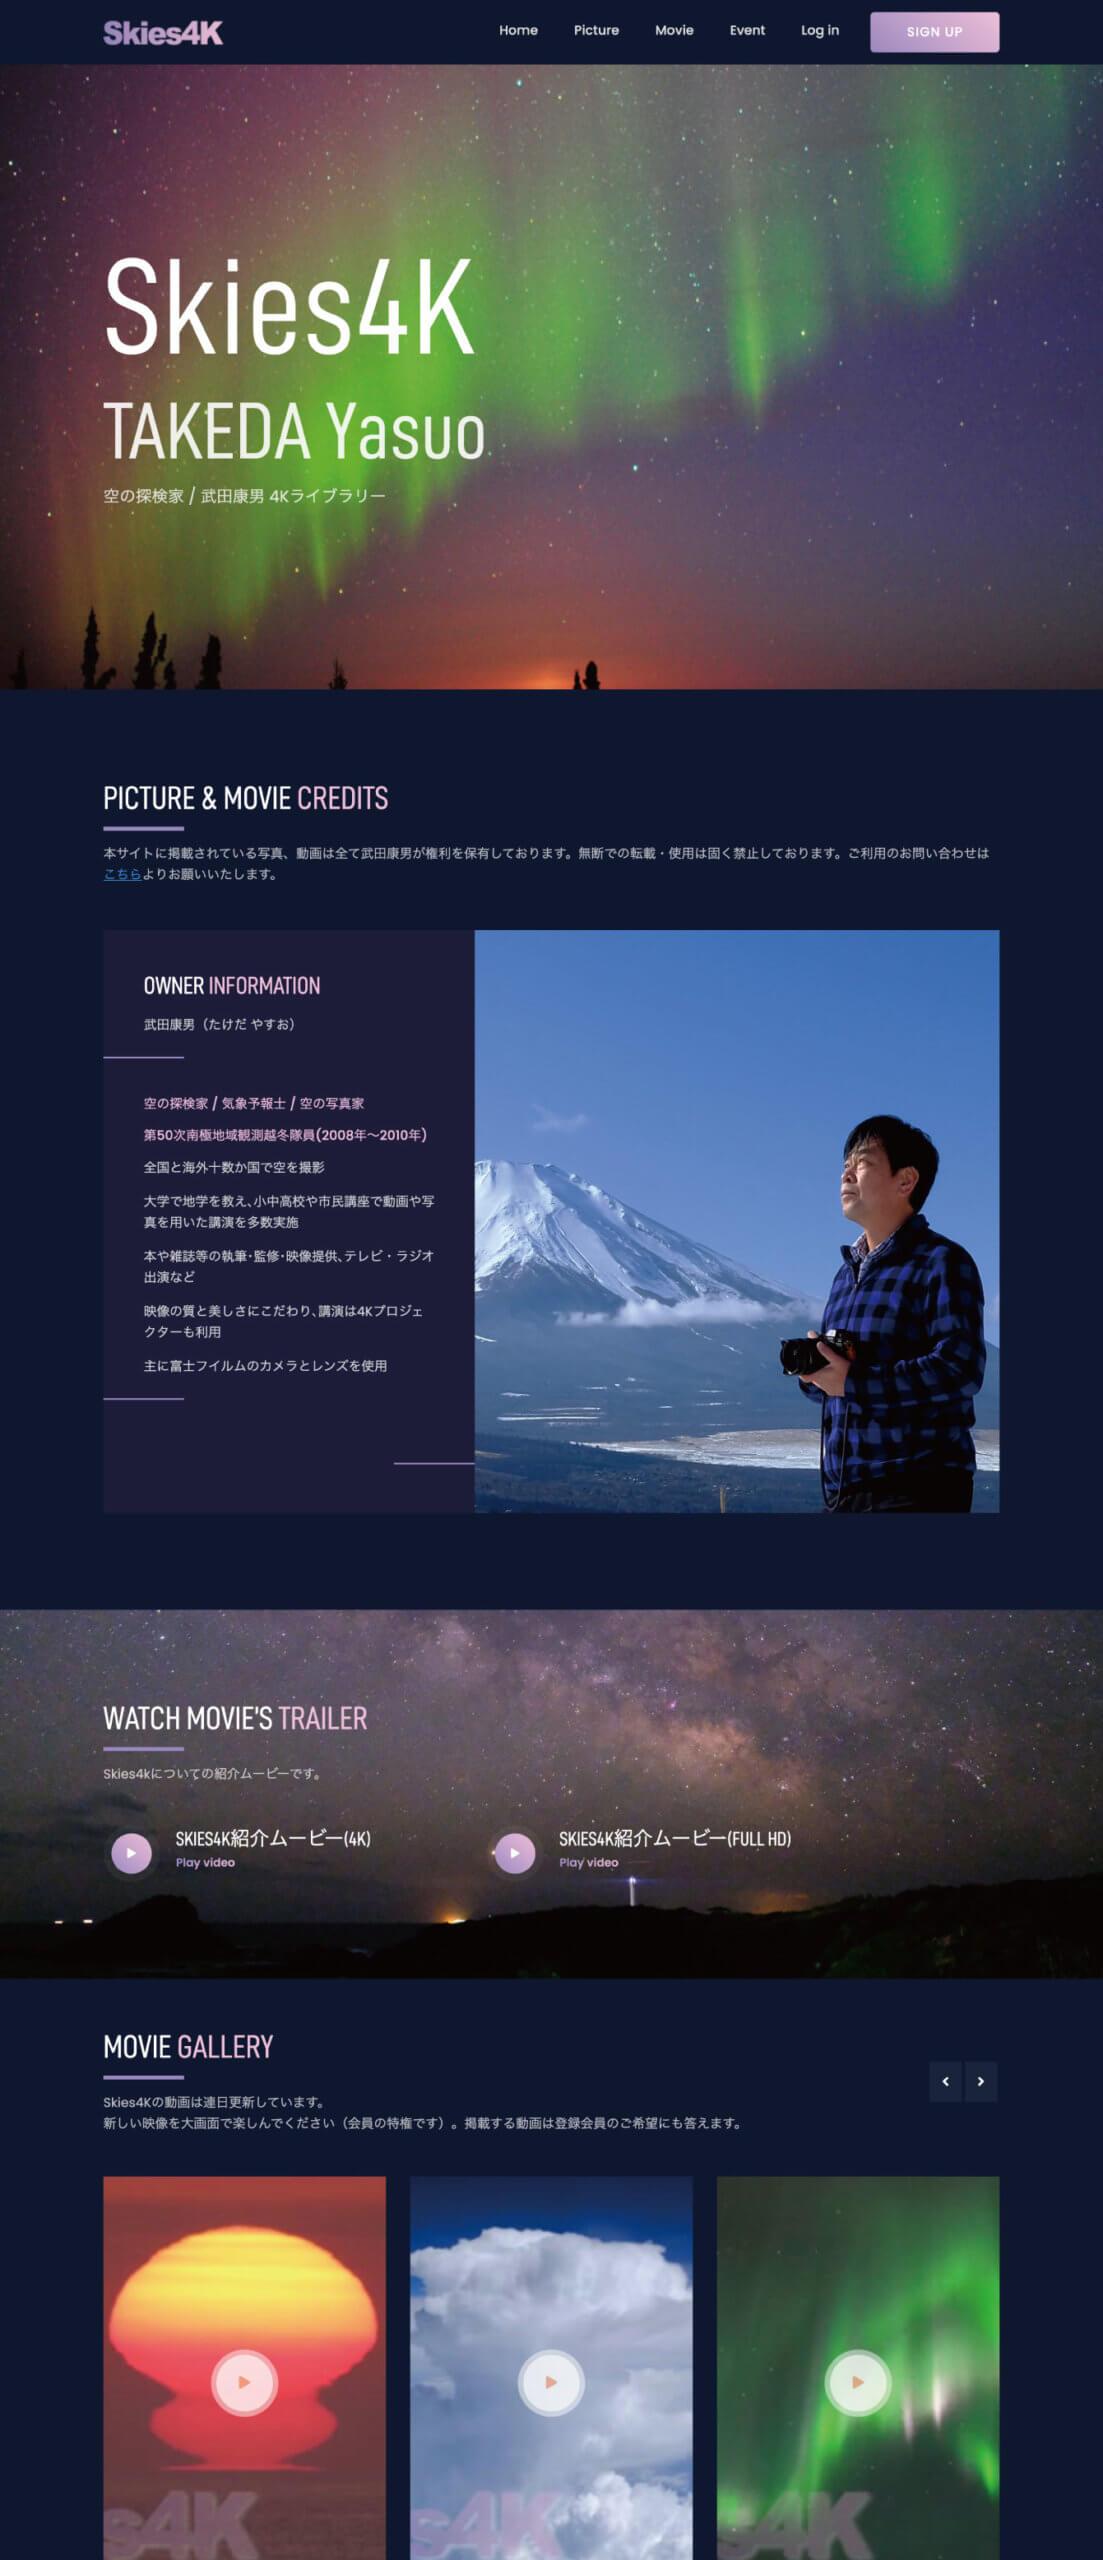 Skies4Kホームページ、PC版